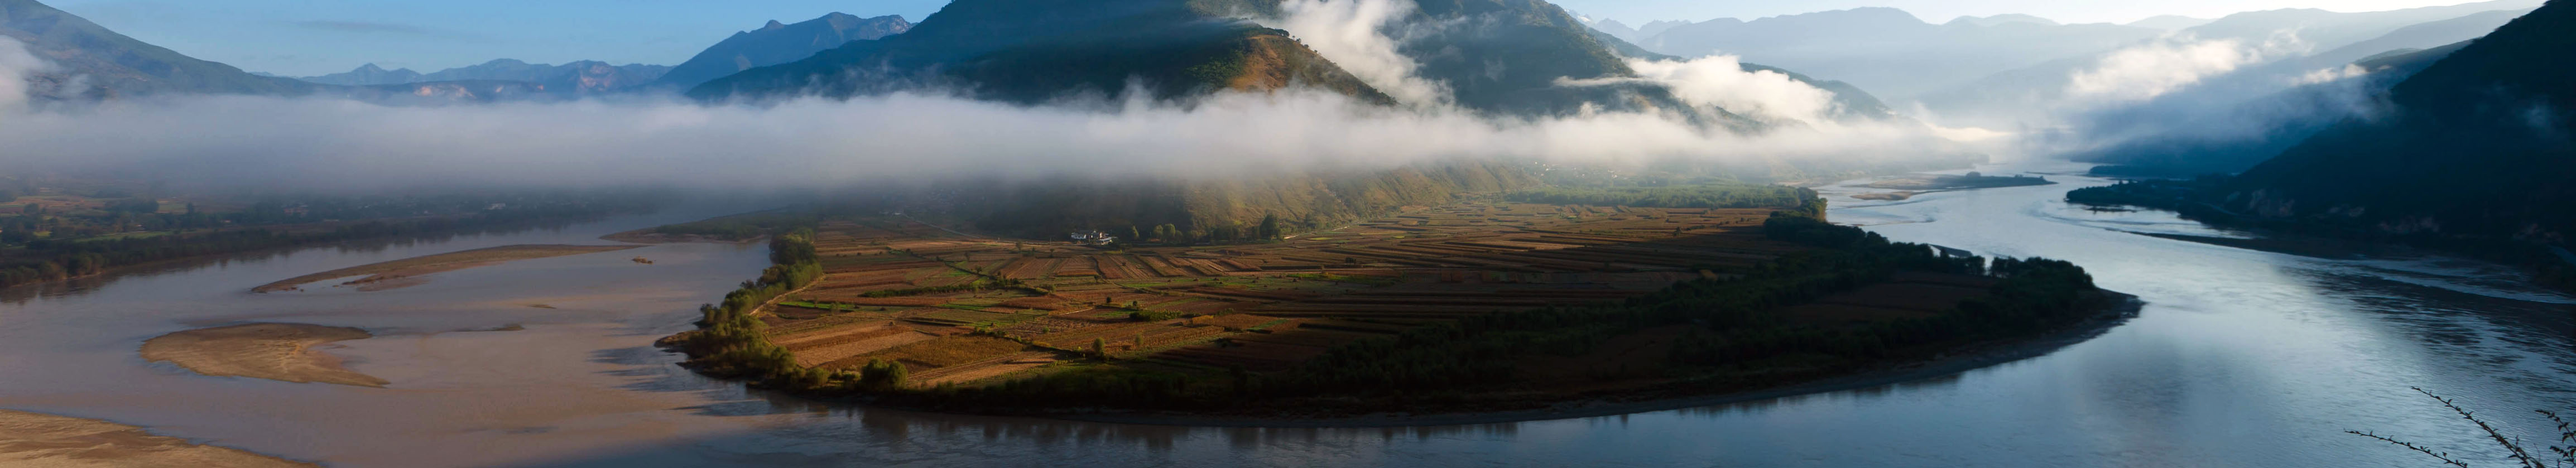 Река золотого песка <br>  Пекин — Сиань — Чунцин — круиз по Янцзы — Ичан  — Шанхай